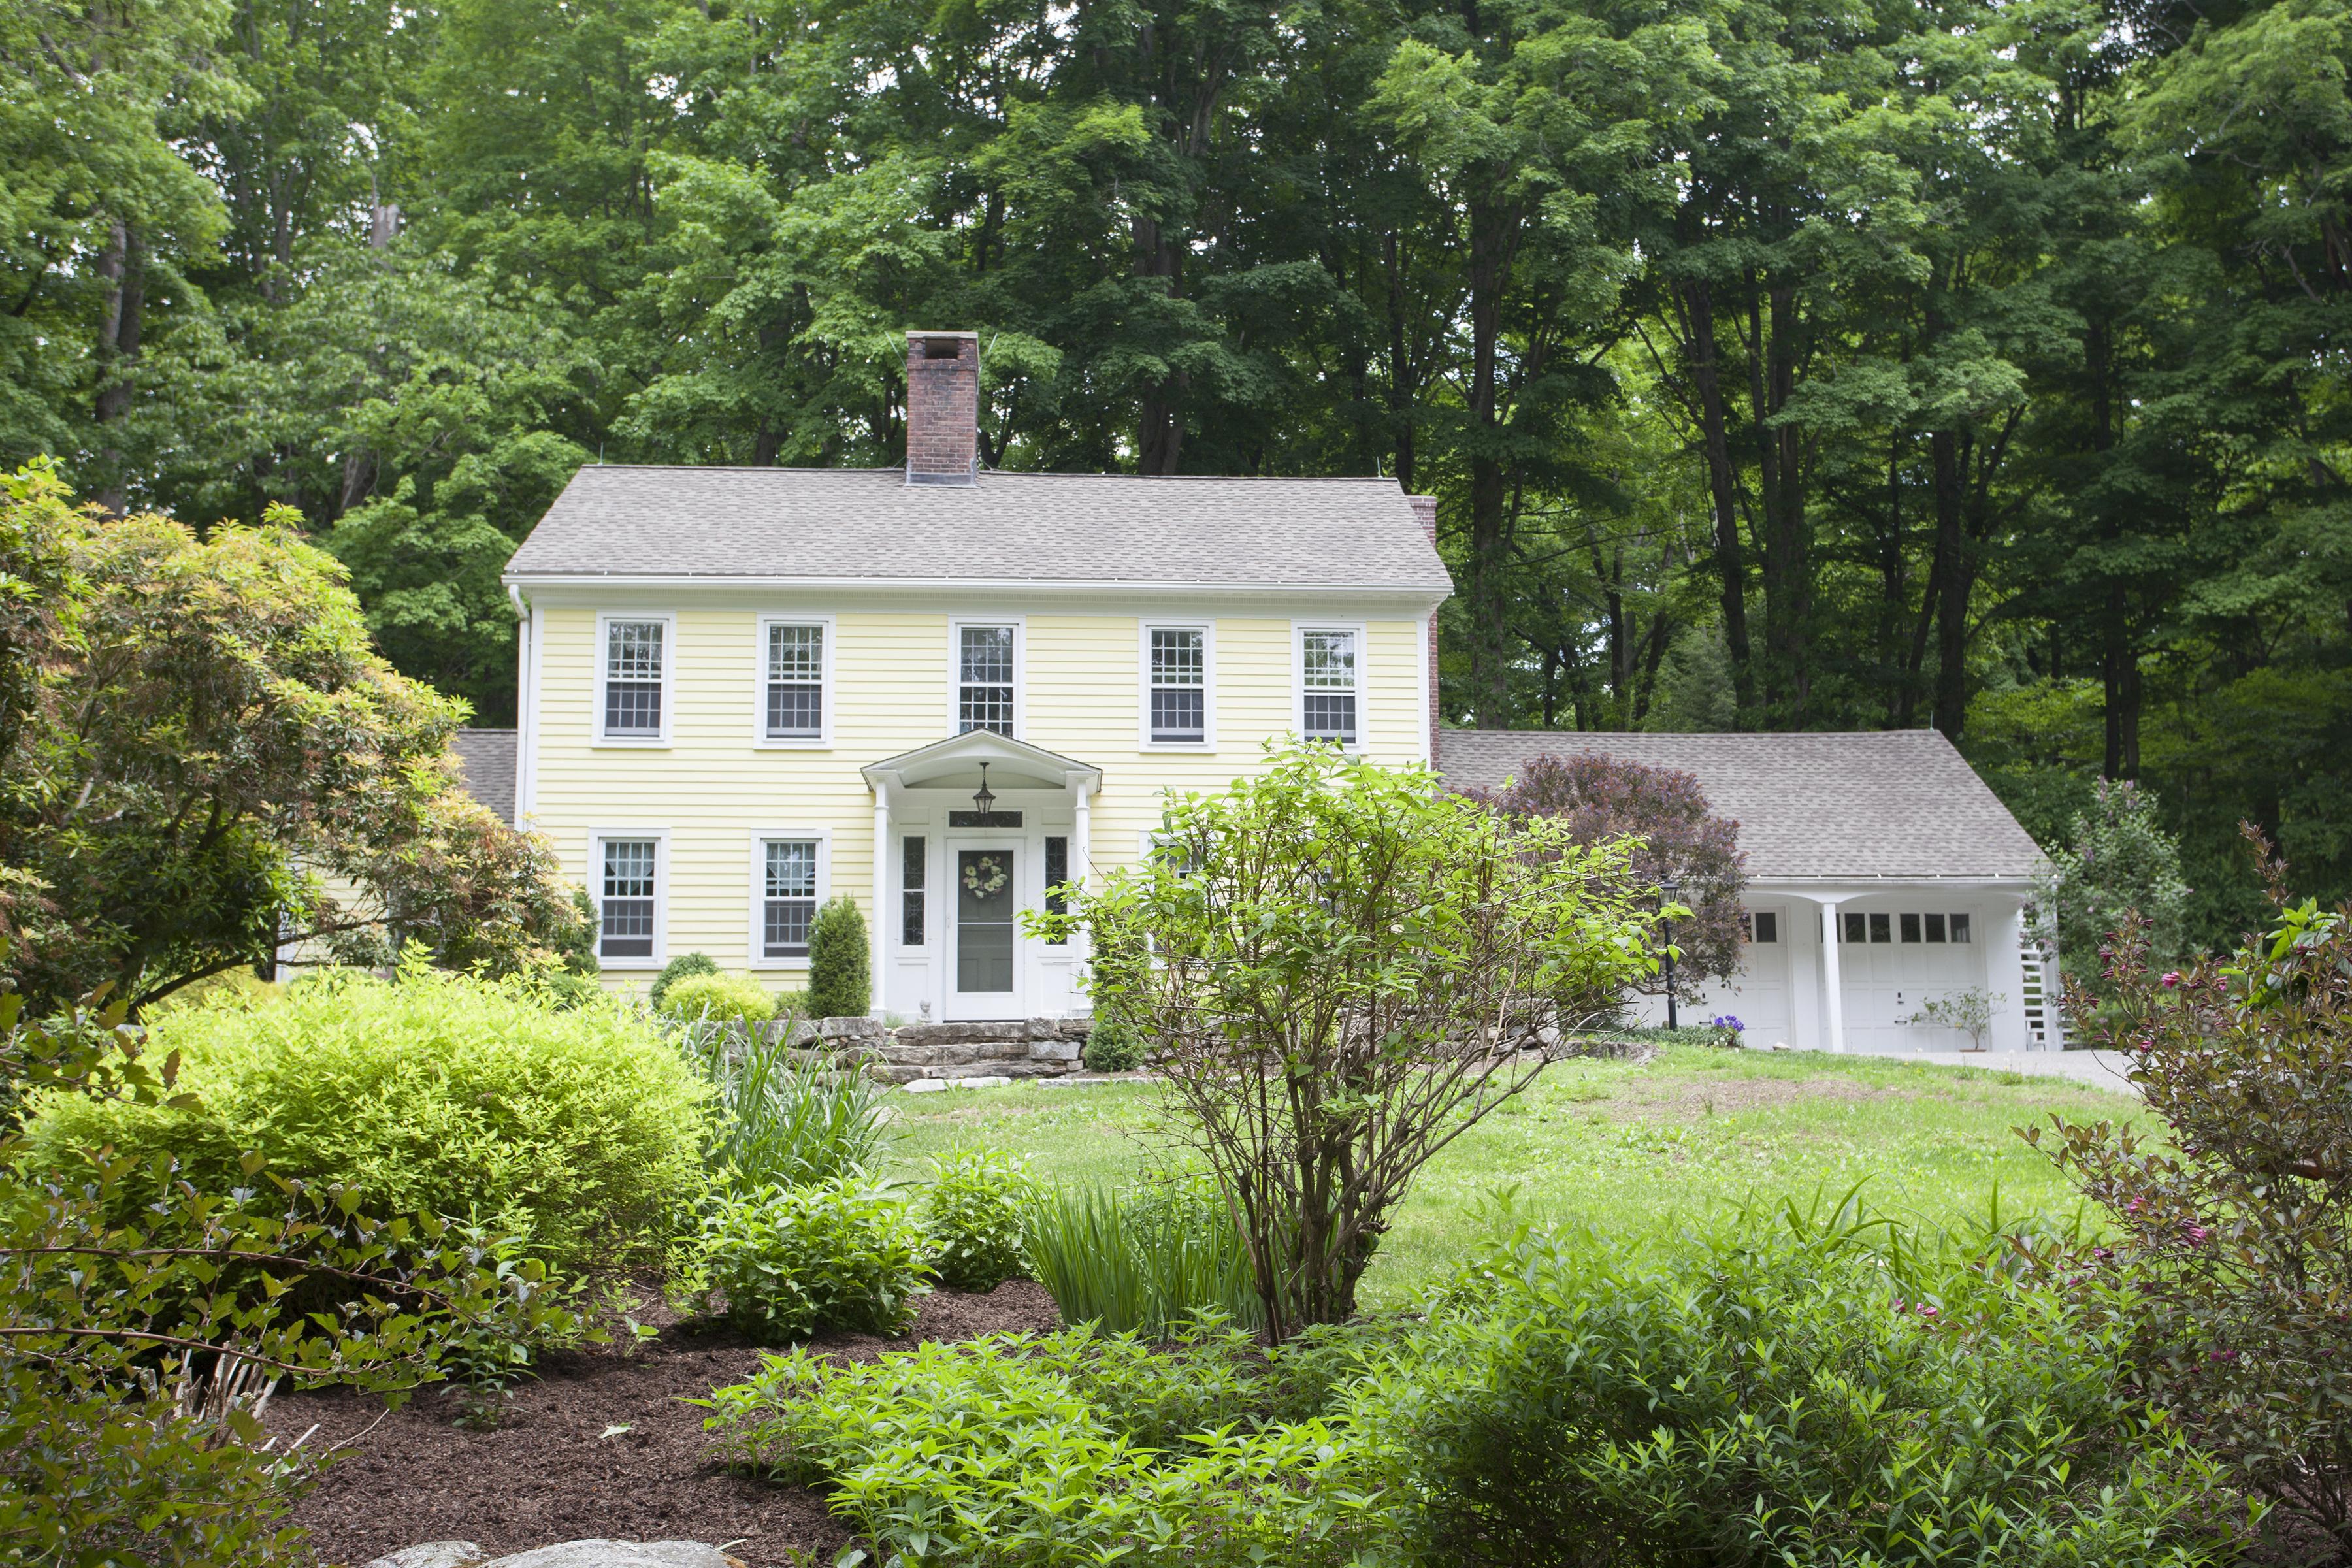 独户住宅 为 销售 在 Sycamore Hill 146 Kent Cornwall Rd 肯特, 康涅狄格州, 06757 美国